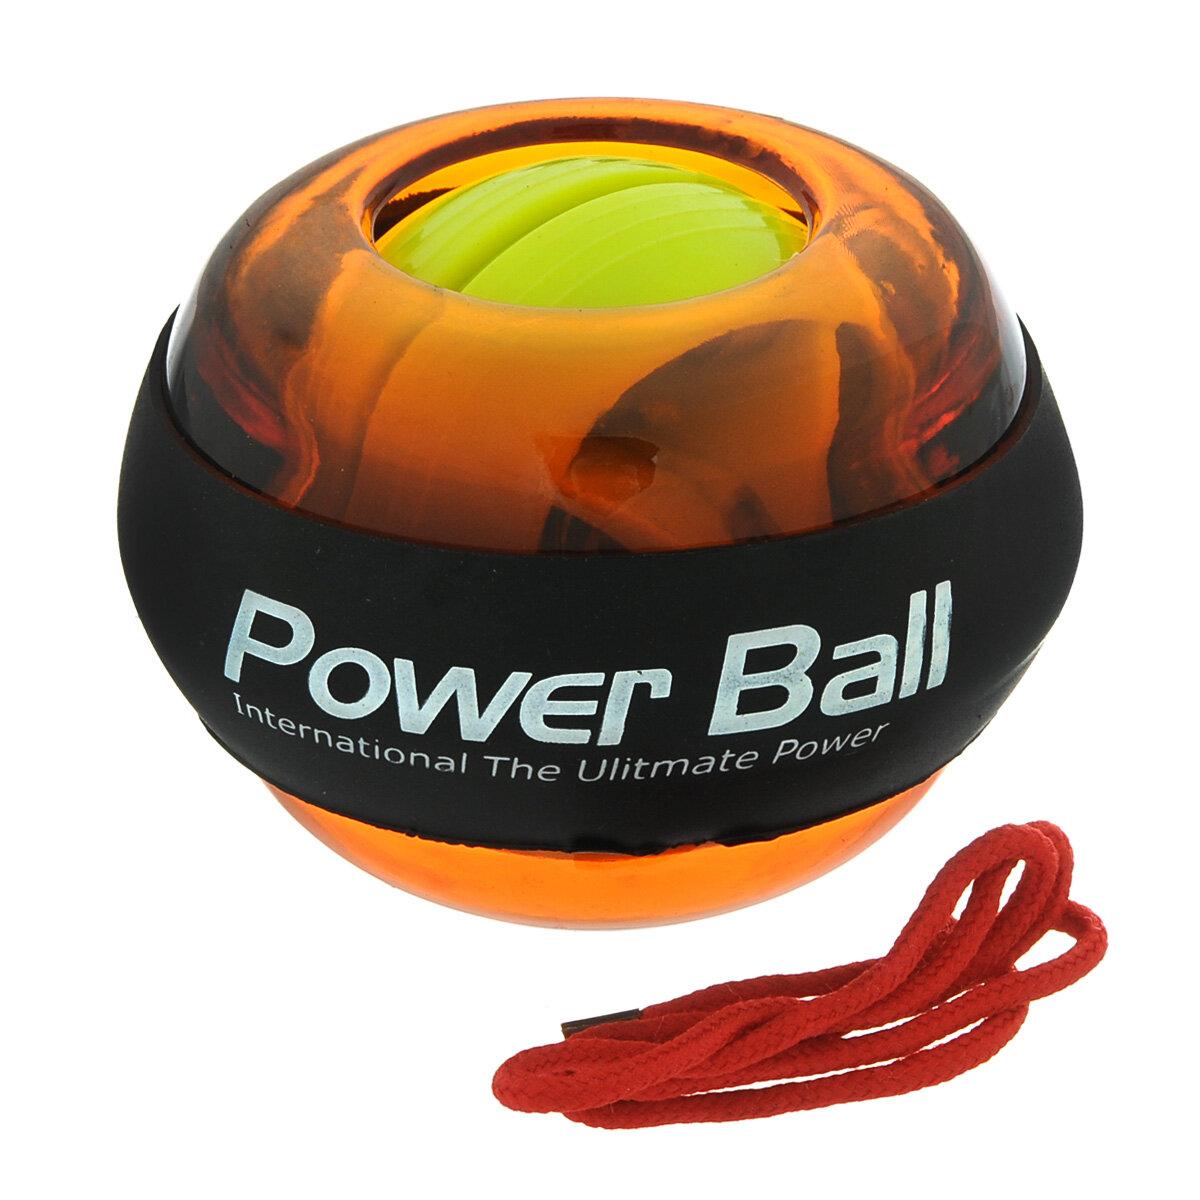 Powerball -ranneharjoittelu - arvostelut, hinta, ohjeet kuinka ajaa